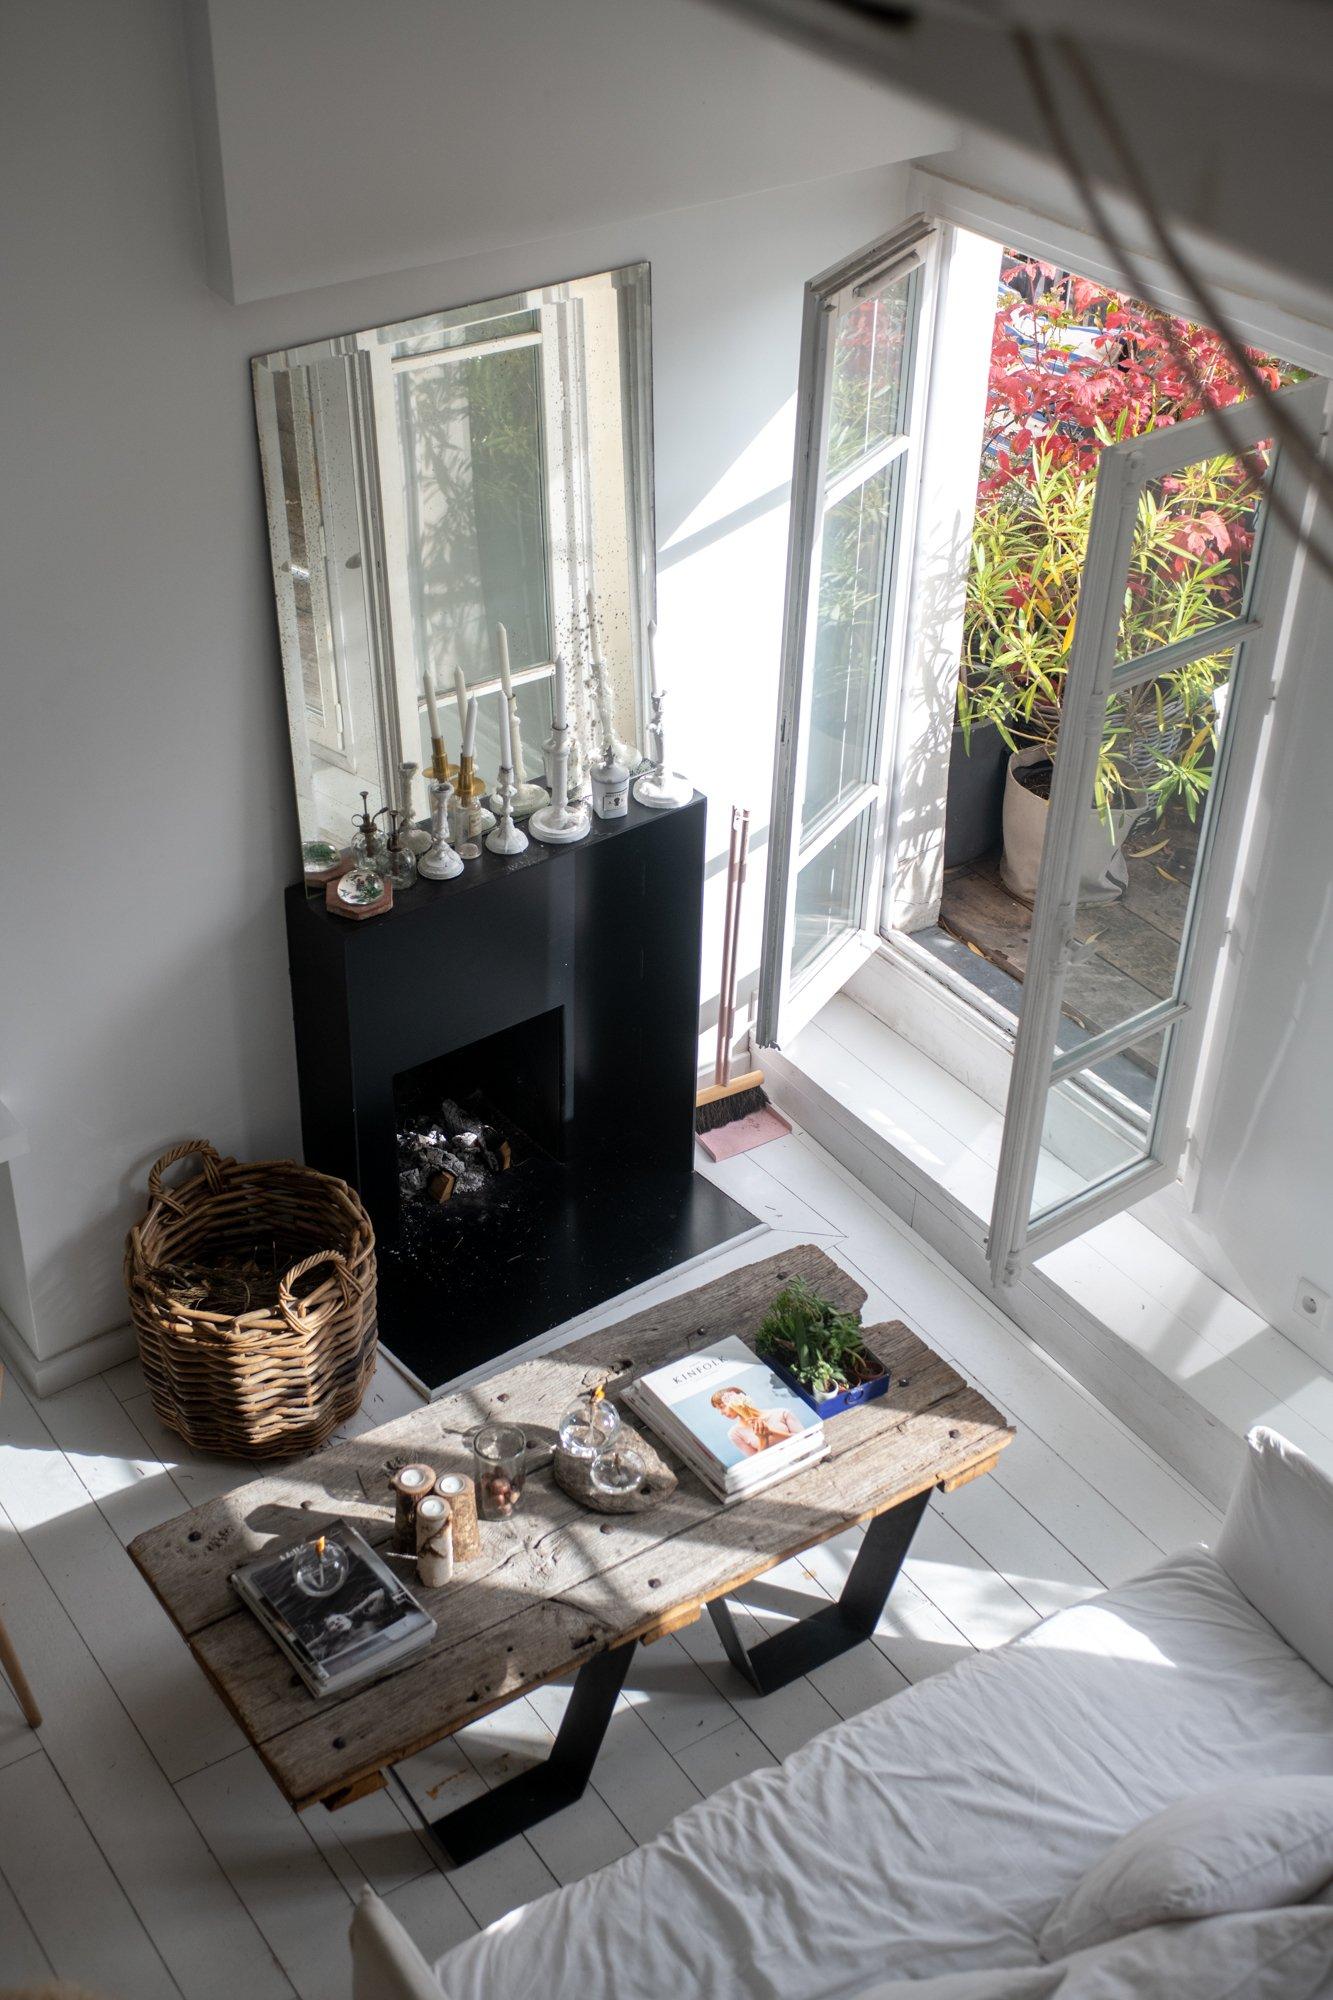 mobilier de jardin en palette genial zoe de las cases and benjamin dewe olya 7 sacha 5 years od de mobilier de jardin en palette